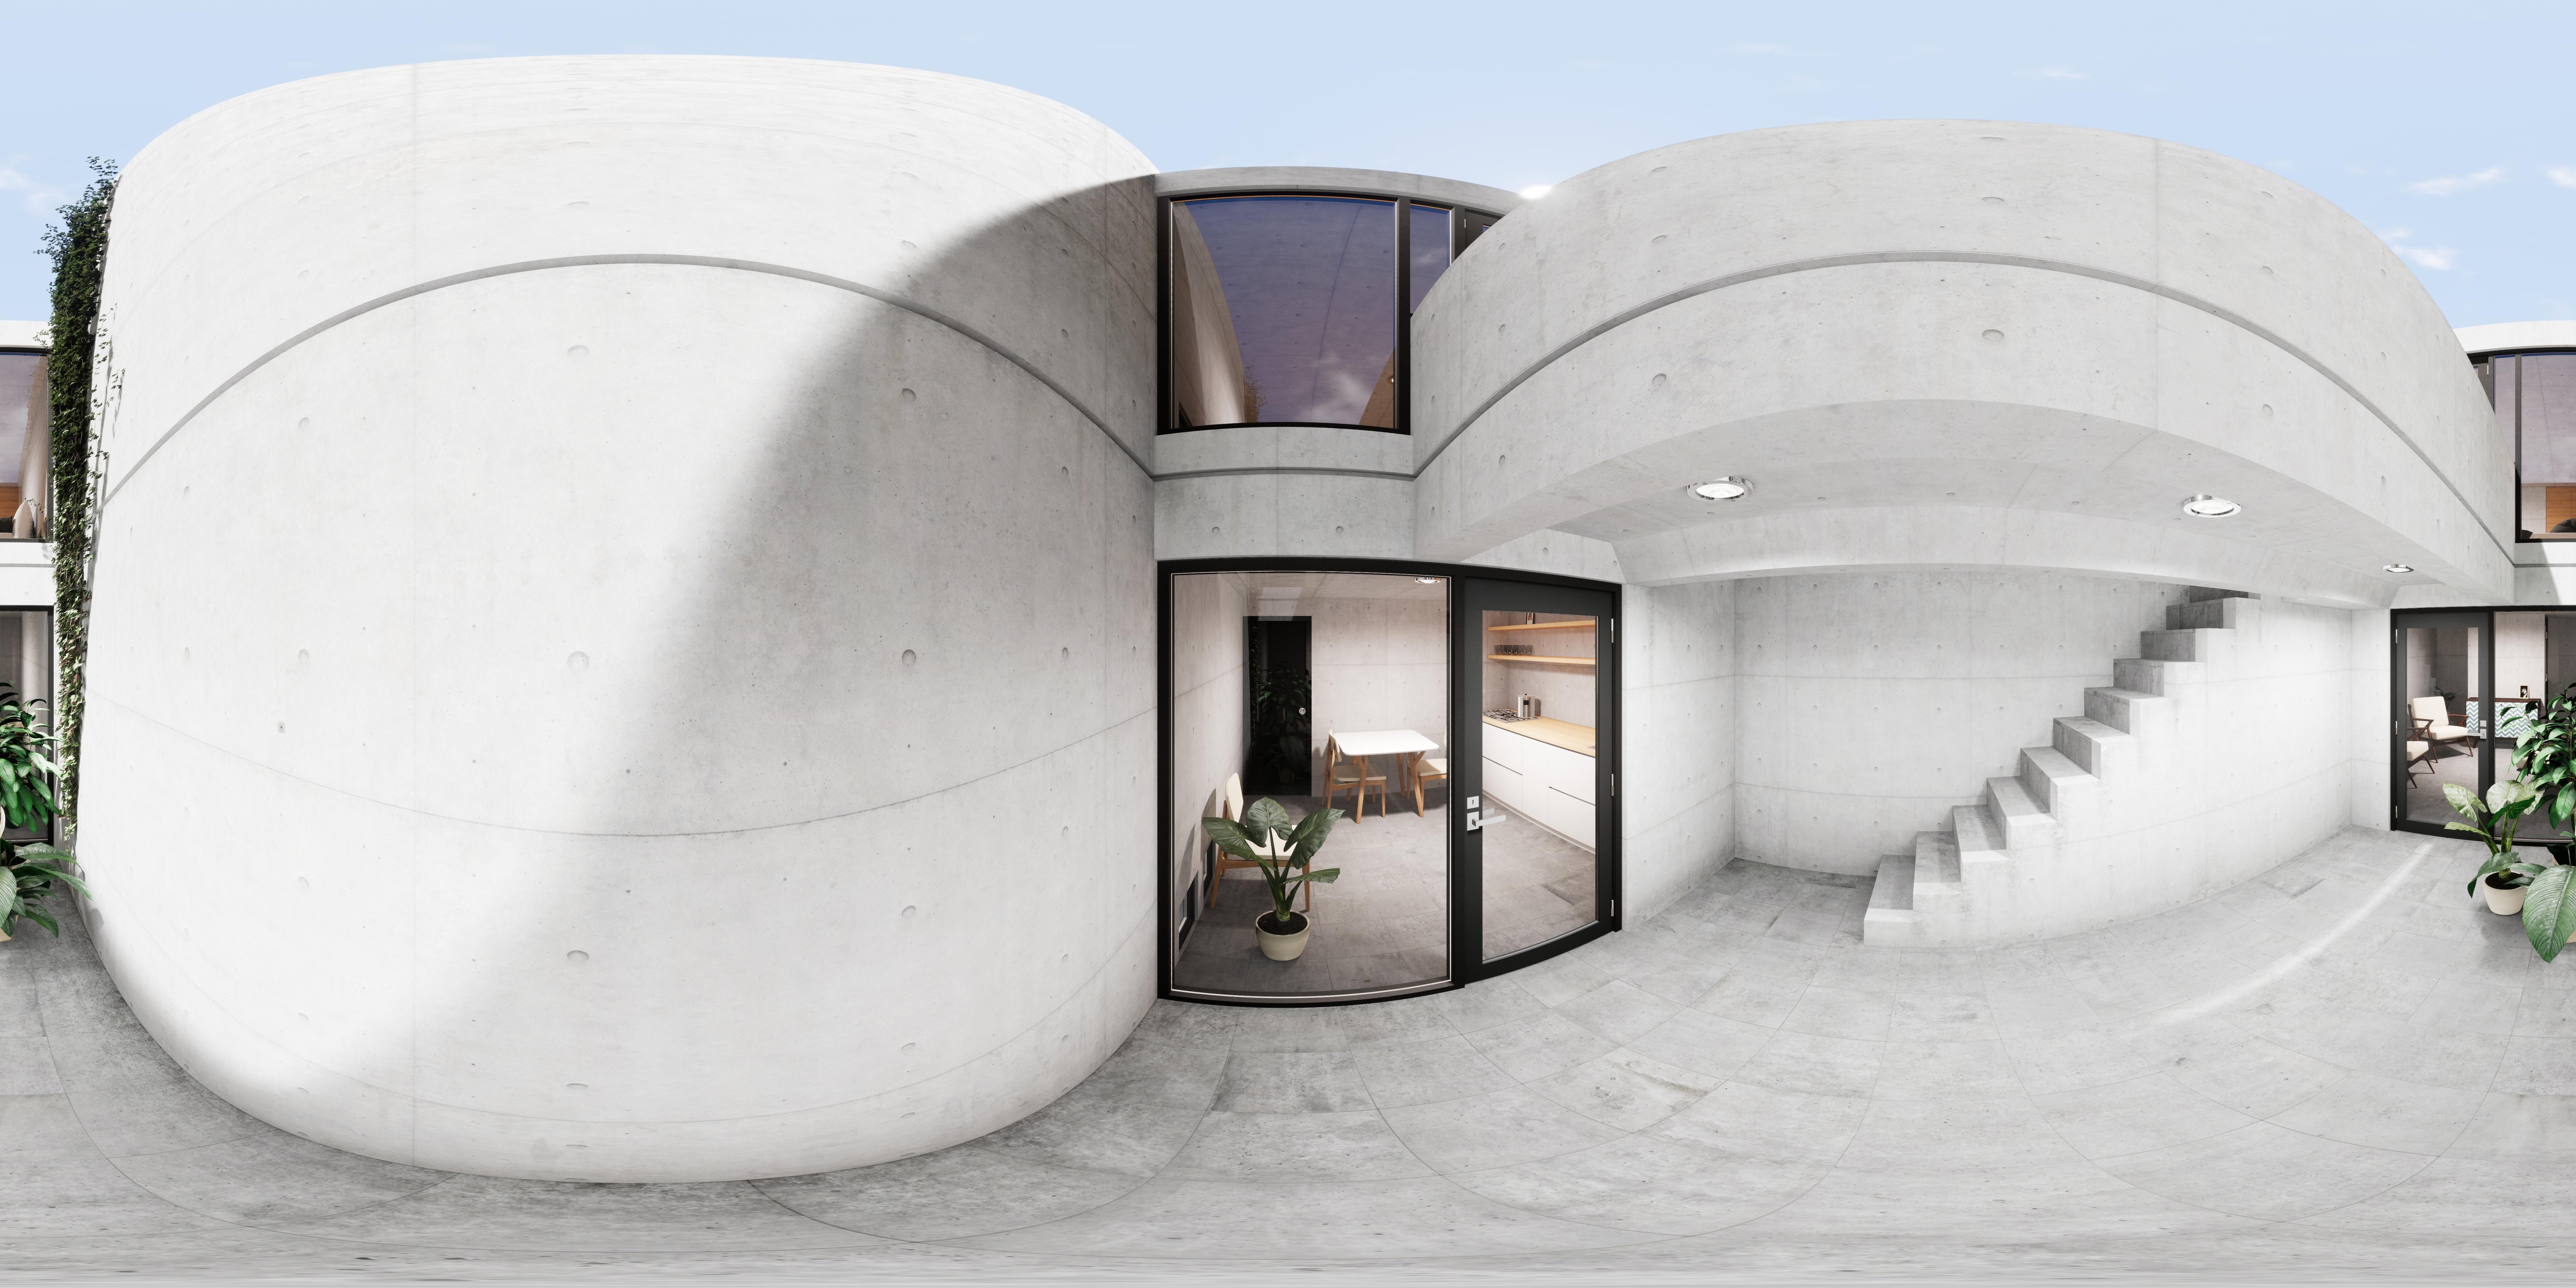 Virtual Reality Azuma House by Tadao Ando. NATA.ARCHVIZ